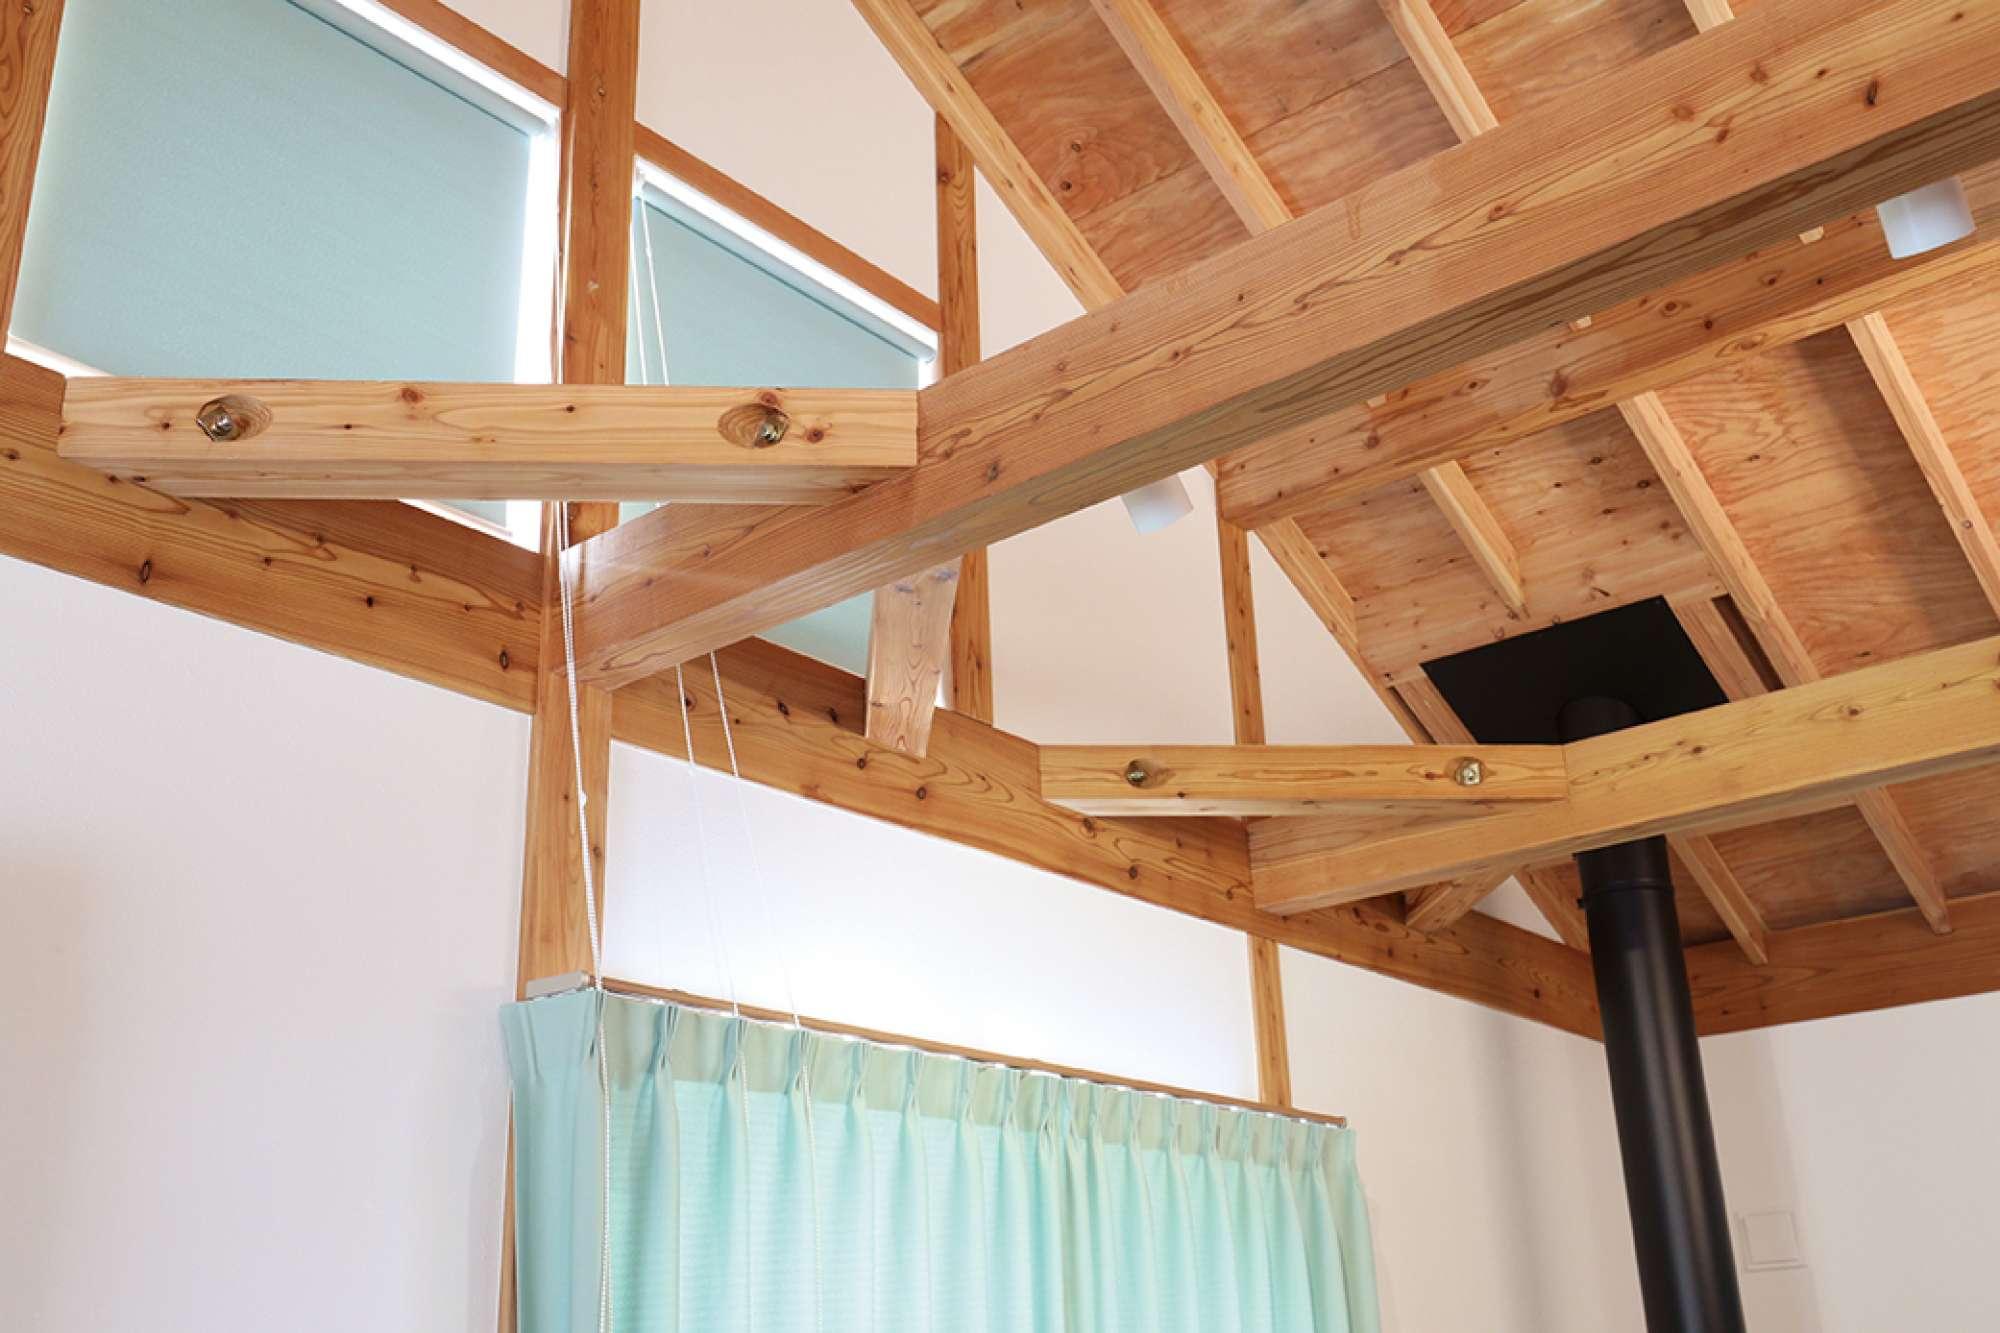 吹抜けのリビング。空間を横切る3本の梁は無垢材を使用 -  -  -